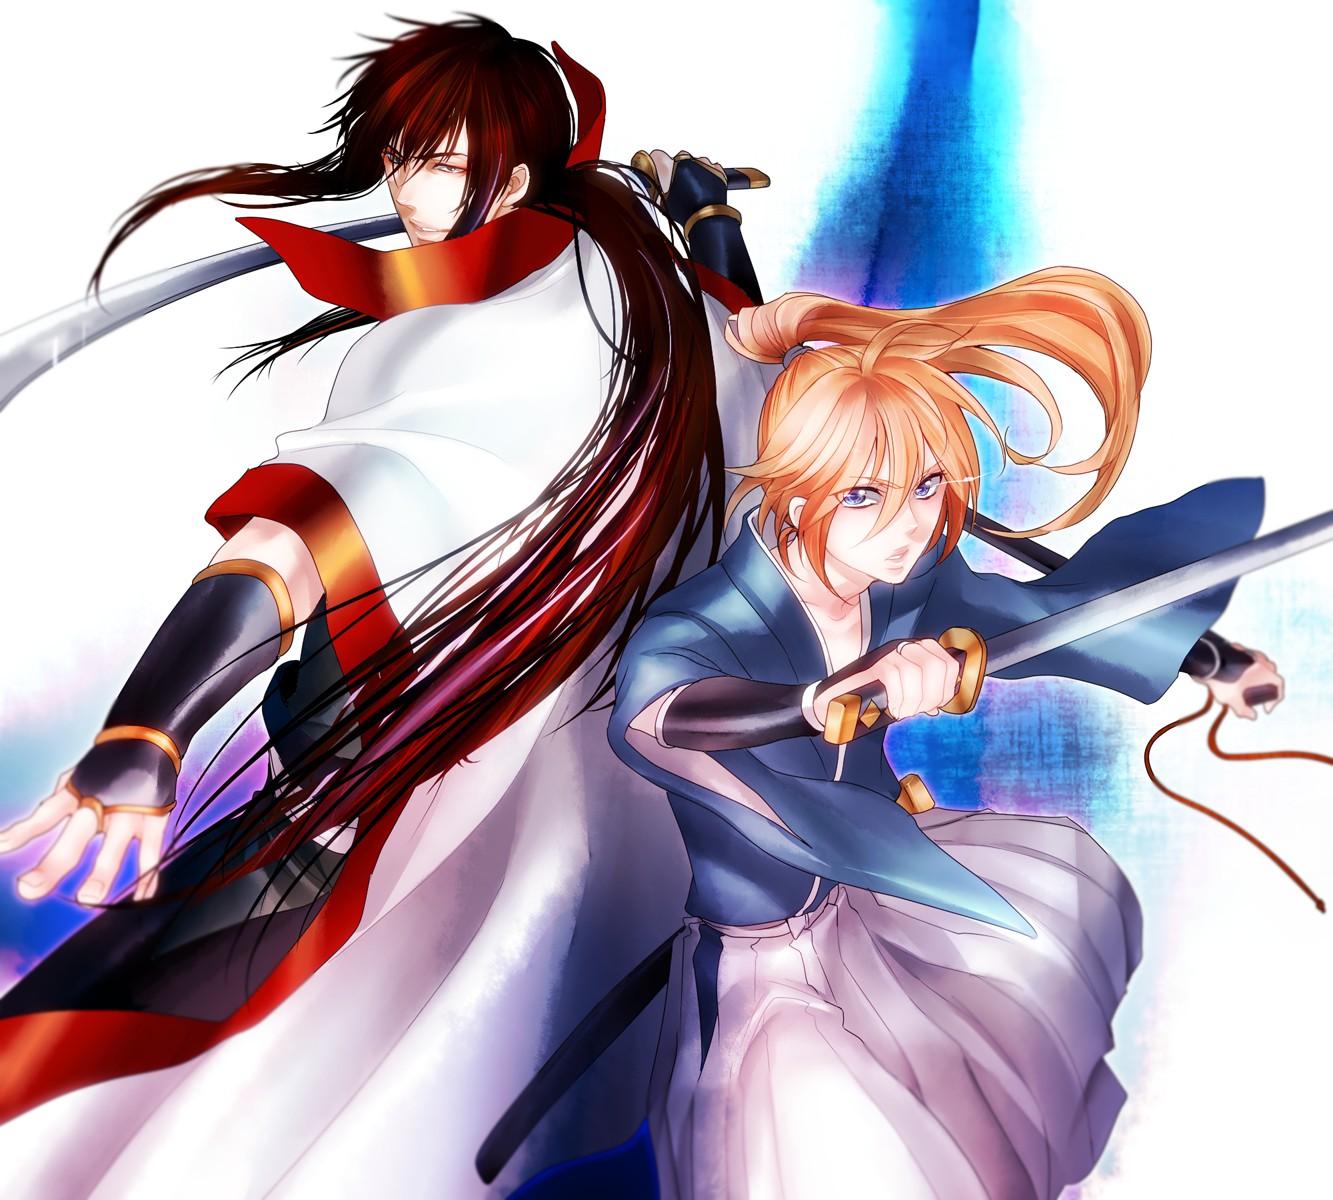 Rurouni Kenshin/#971720